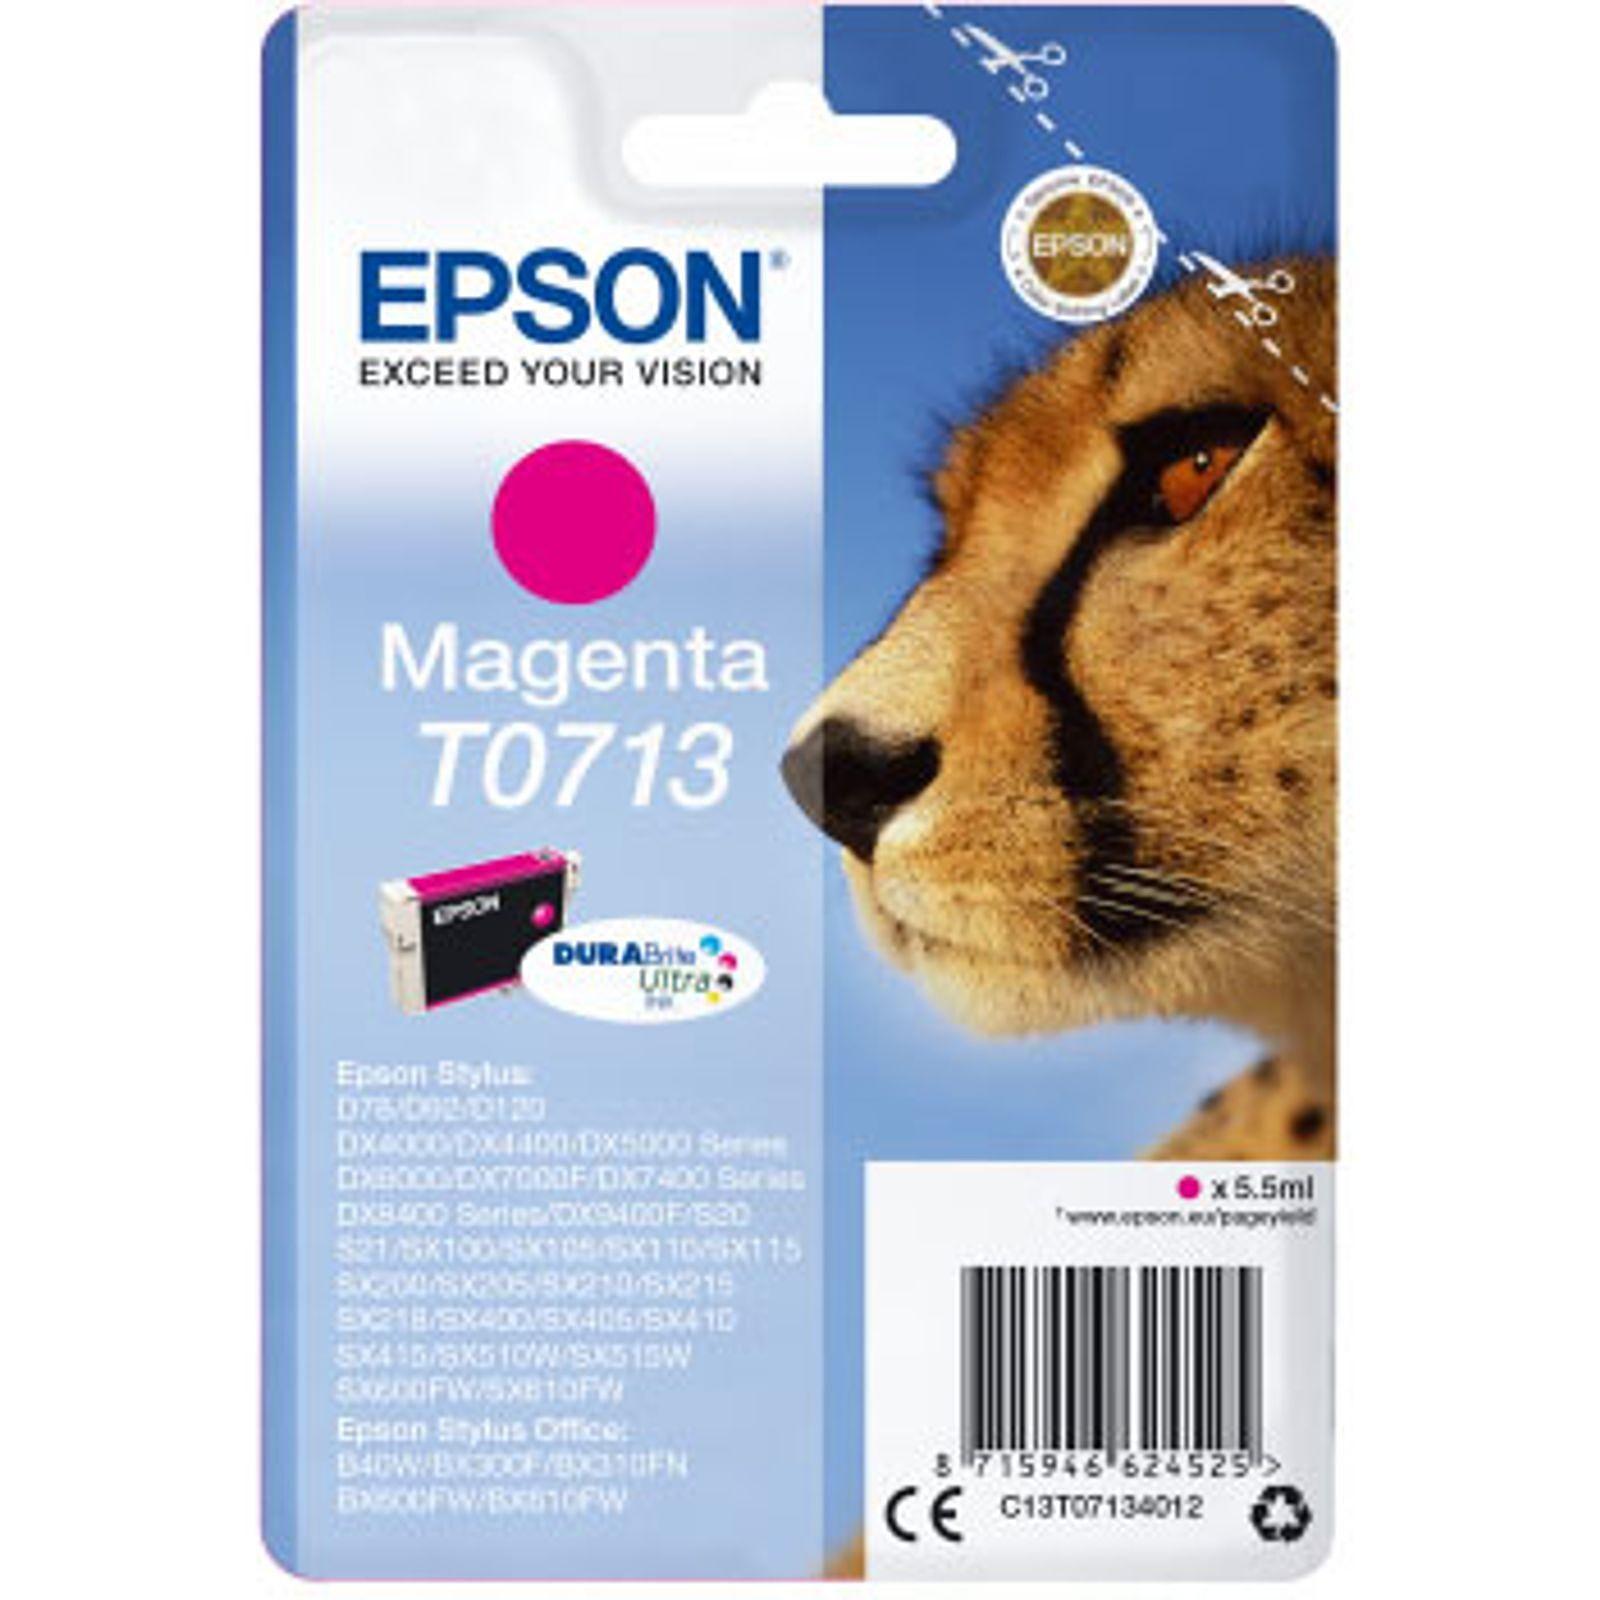 Cartouche d'encre magenta Epson